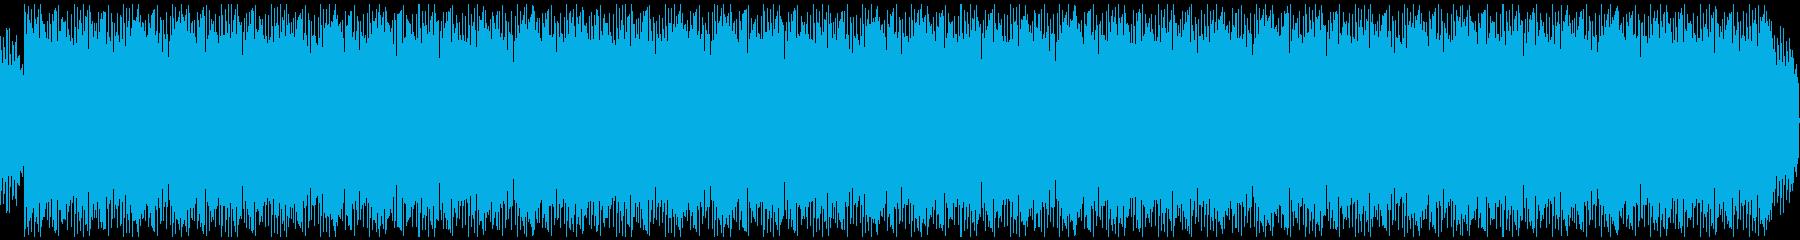 エレクトリックピアノのチルアウトの再生済みの波形